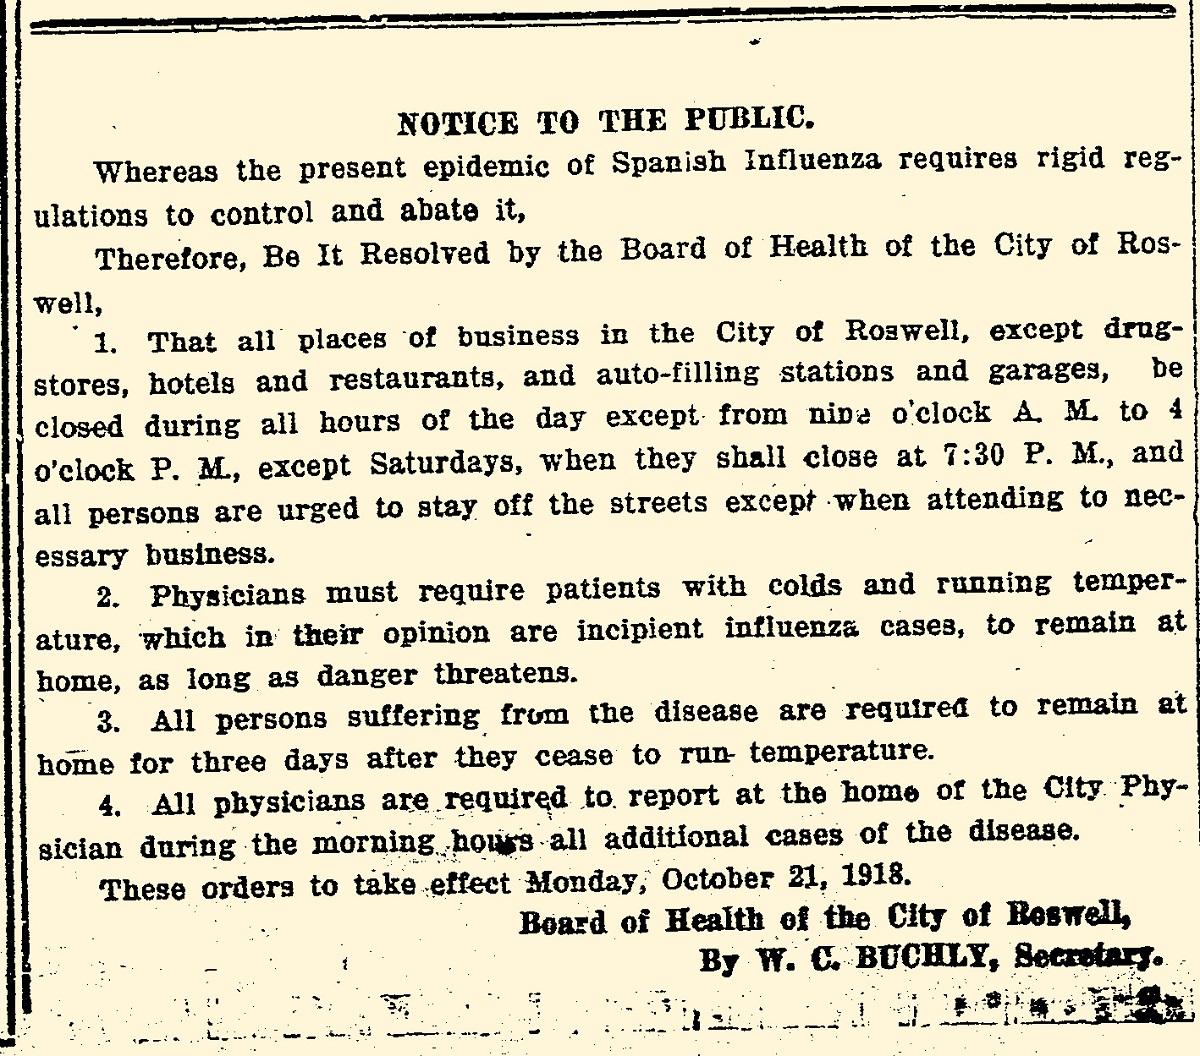 Albuquerque Historical Society